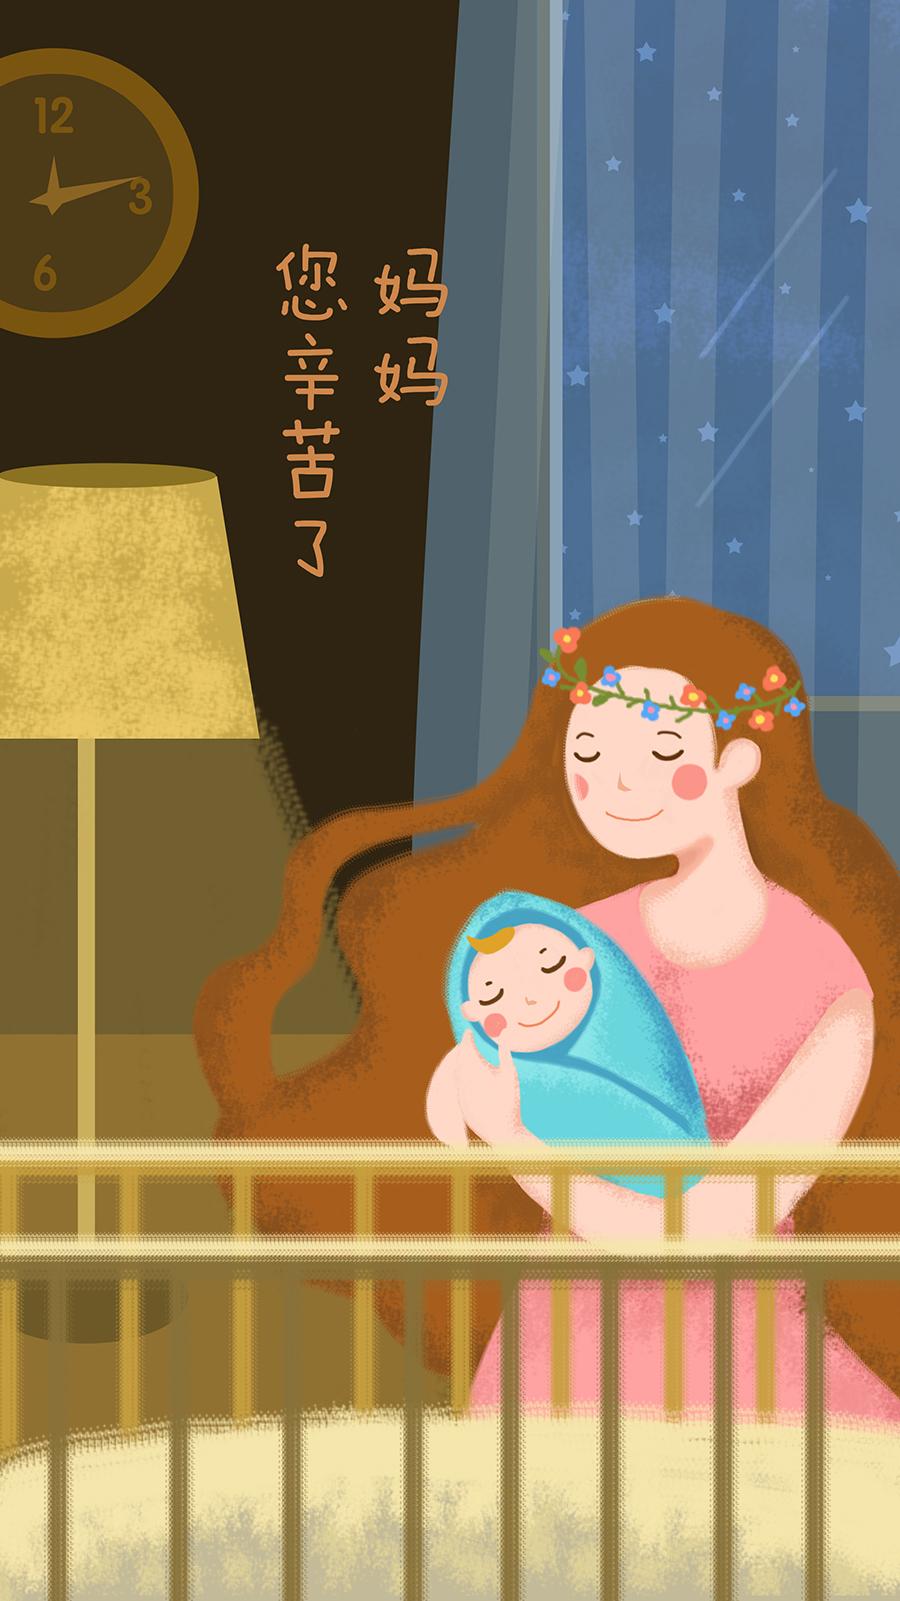 清新卡通手绘母亲节插画素材 插画-第19张